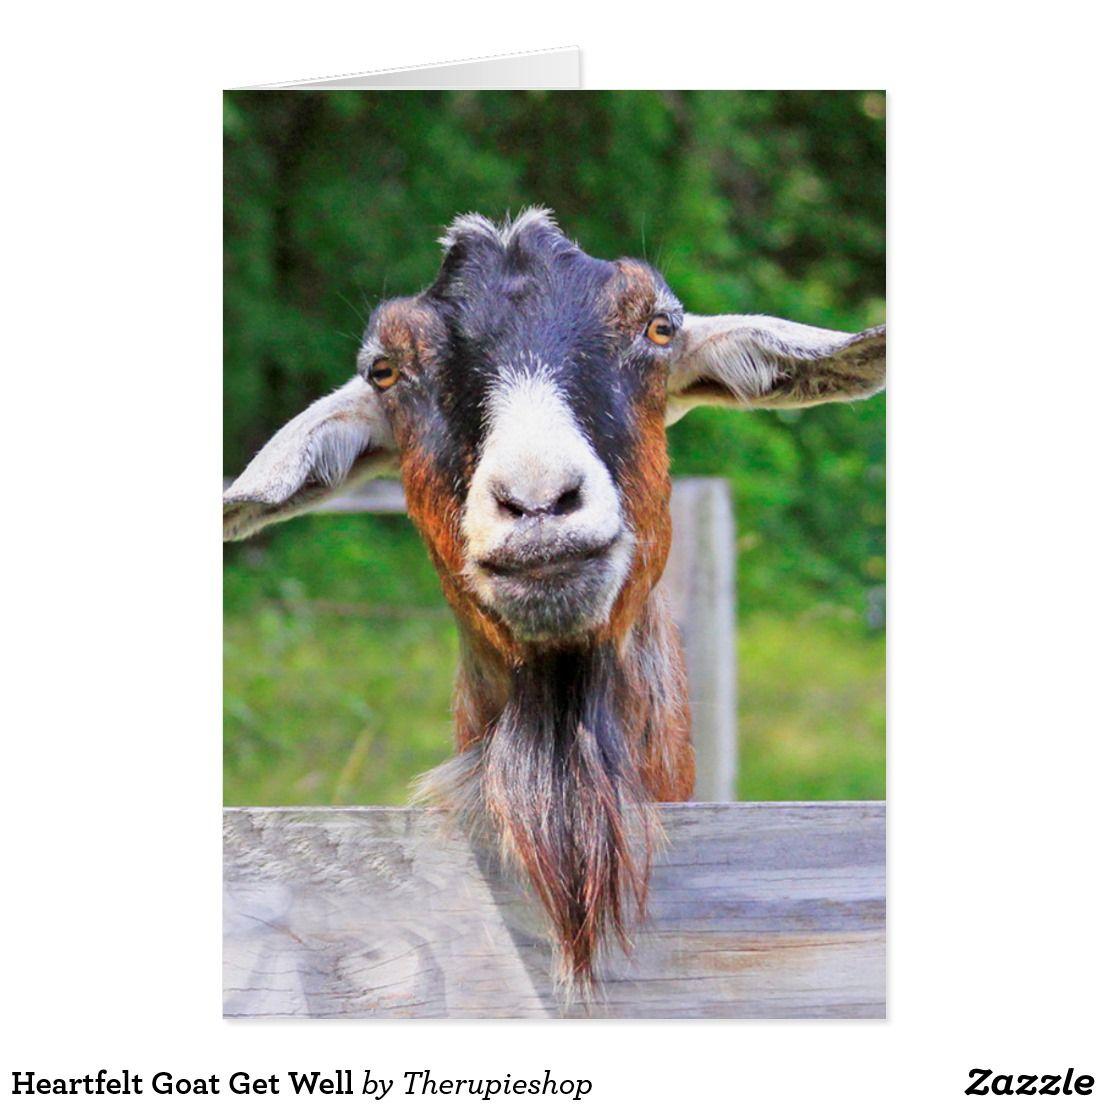 Heartfelt Goat Get Well Card